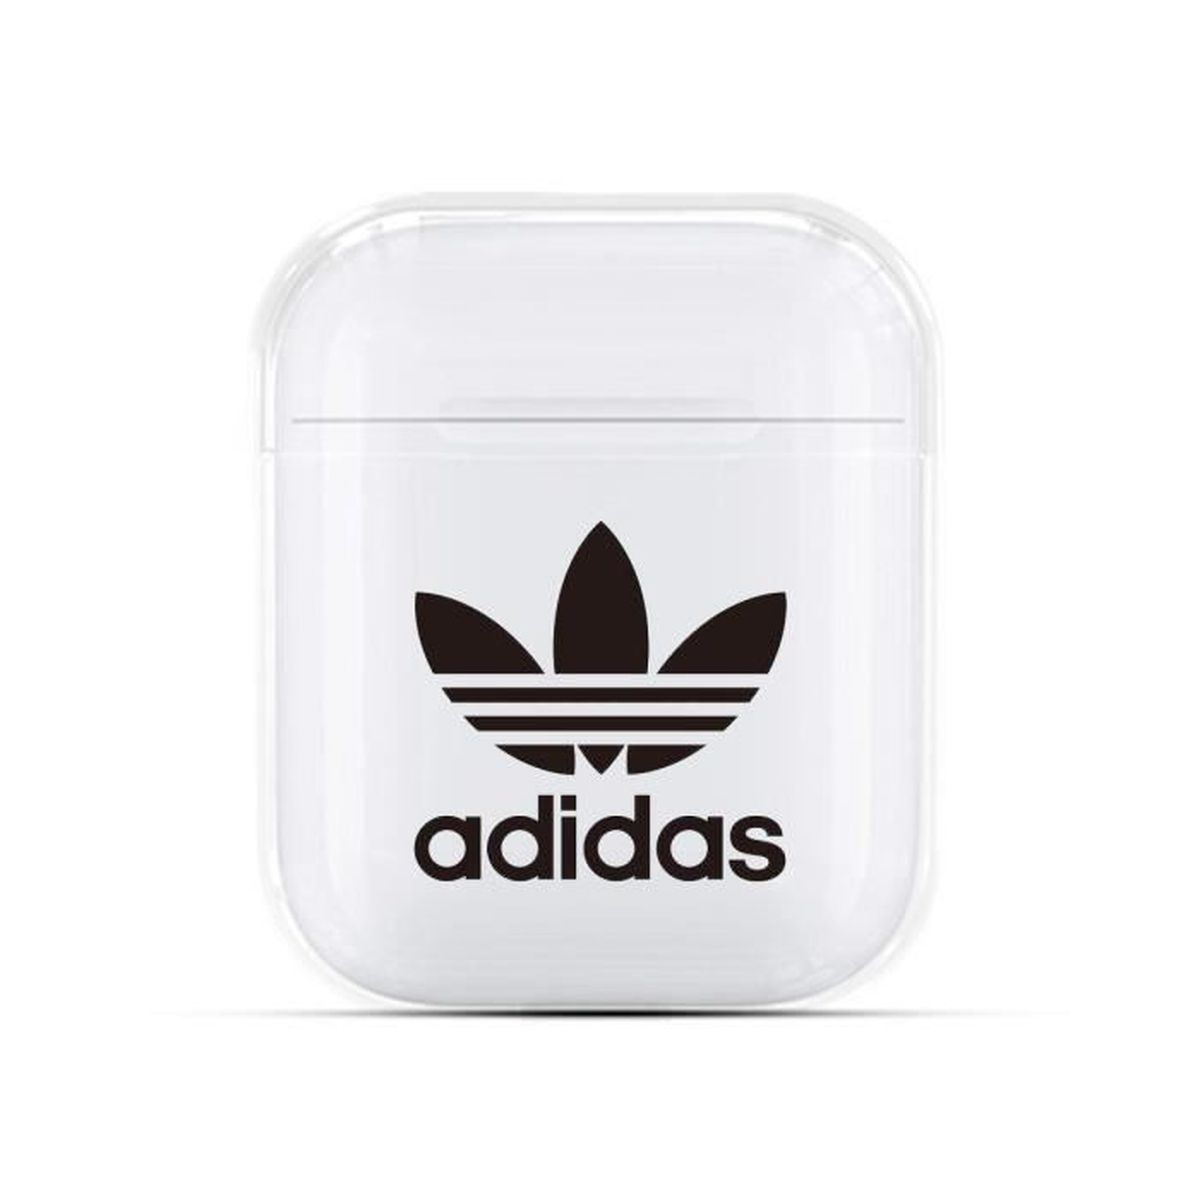 kaliter Coque AirPods,Clear Dur Transparent Anti-Choc Bo/îte de Protection /Étui de Chargement pour Apple AirPods 1 /& 2 Earphones